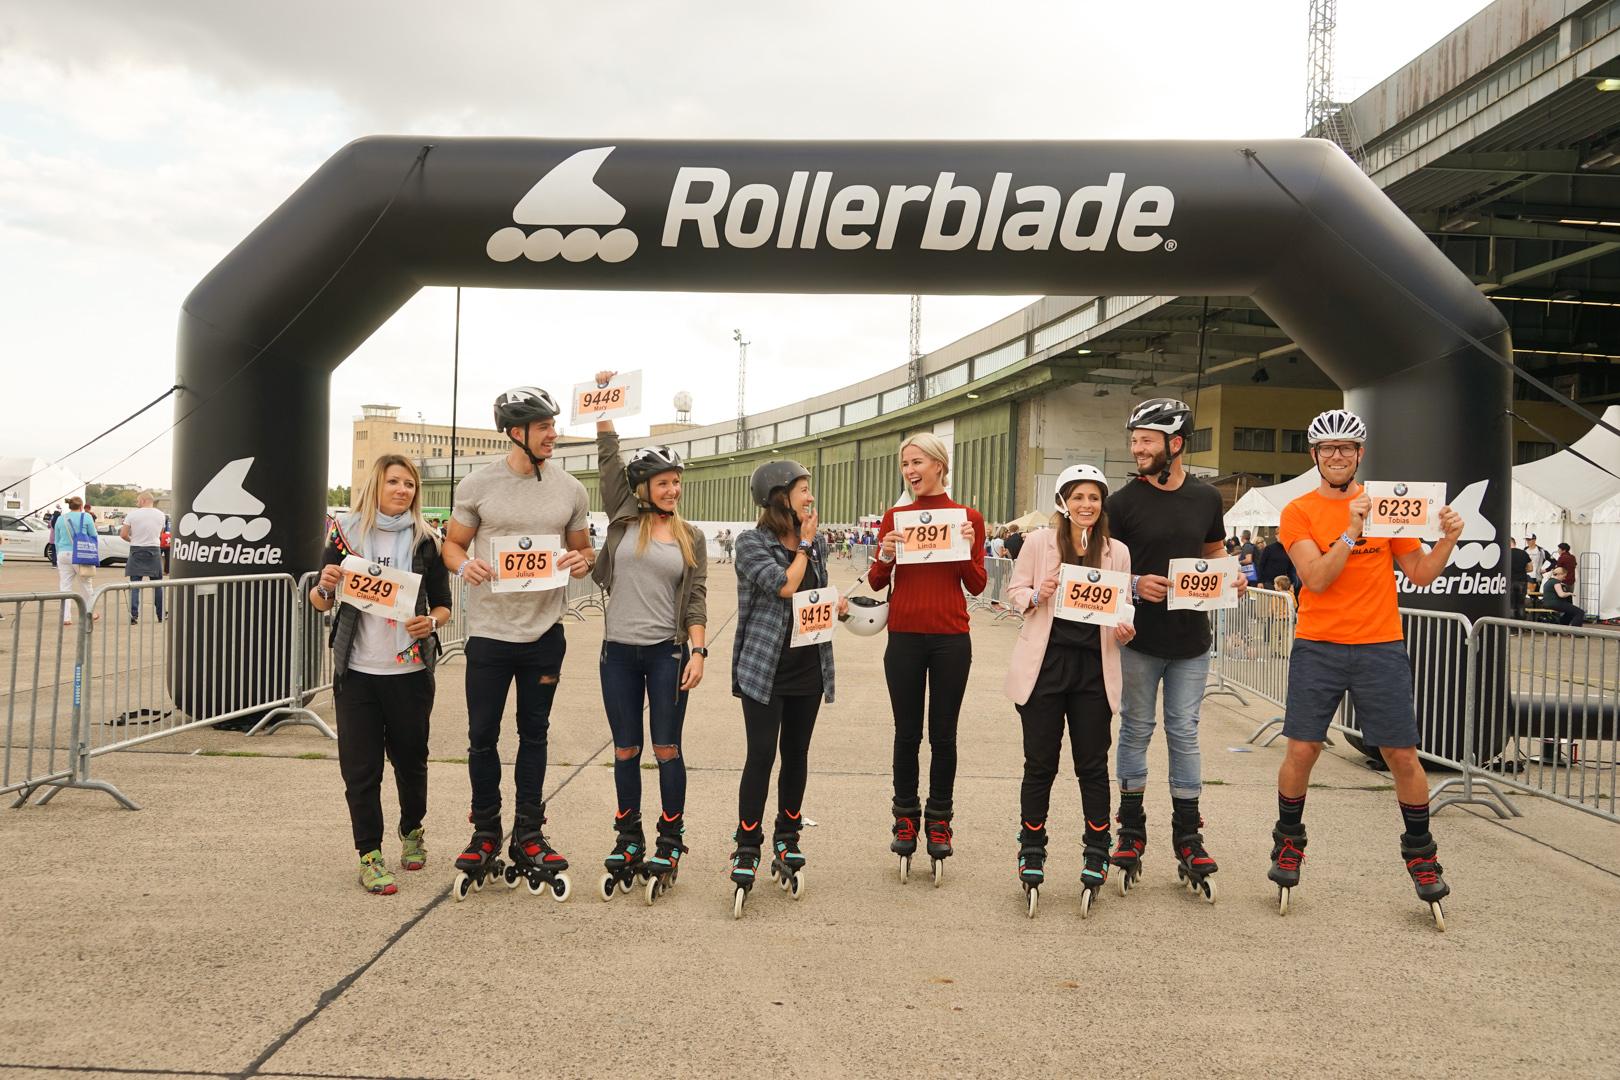 fitnessblog-fitnessblogger-fitness-blog-blogger-stuttgart-dreamteamfitness-bmw-berlin-marathon-inlineskating-2018-rollerblade